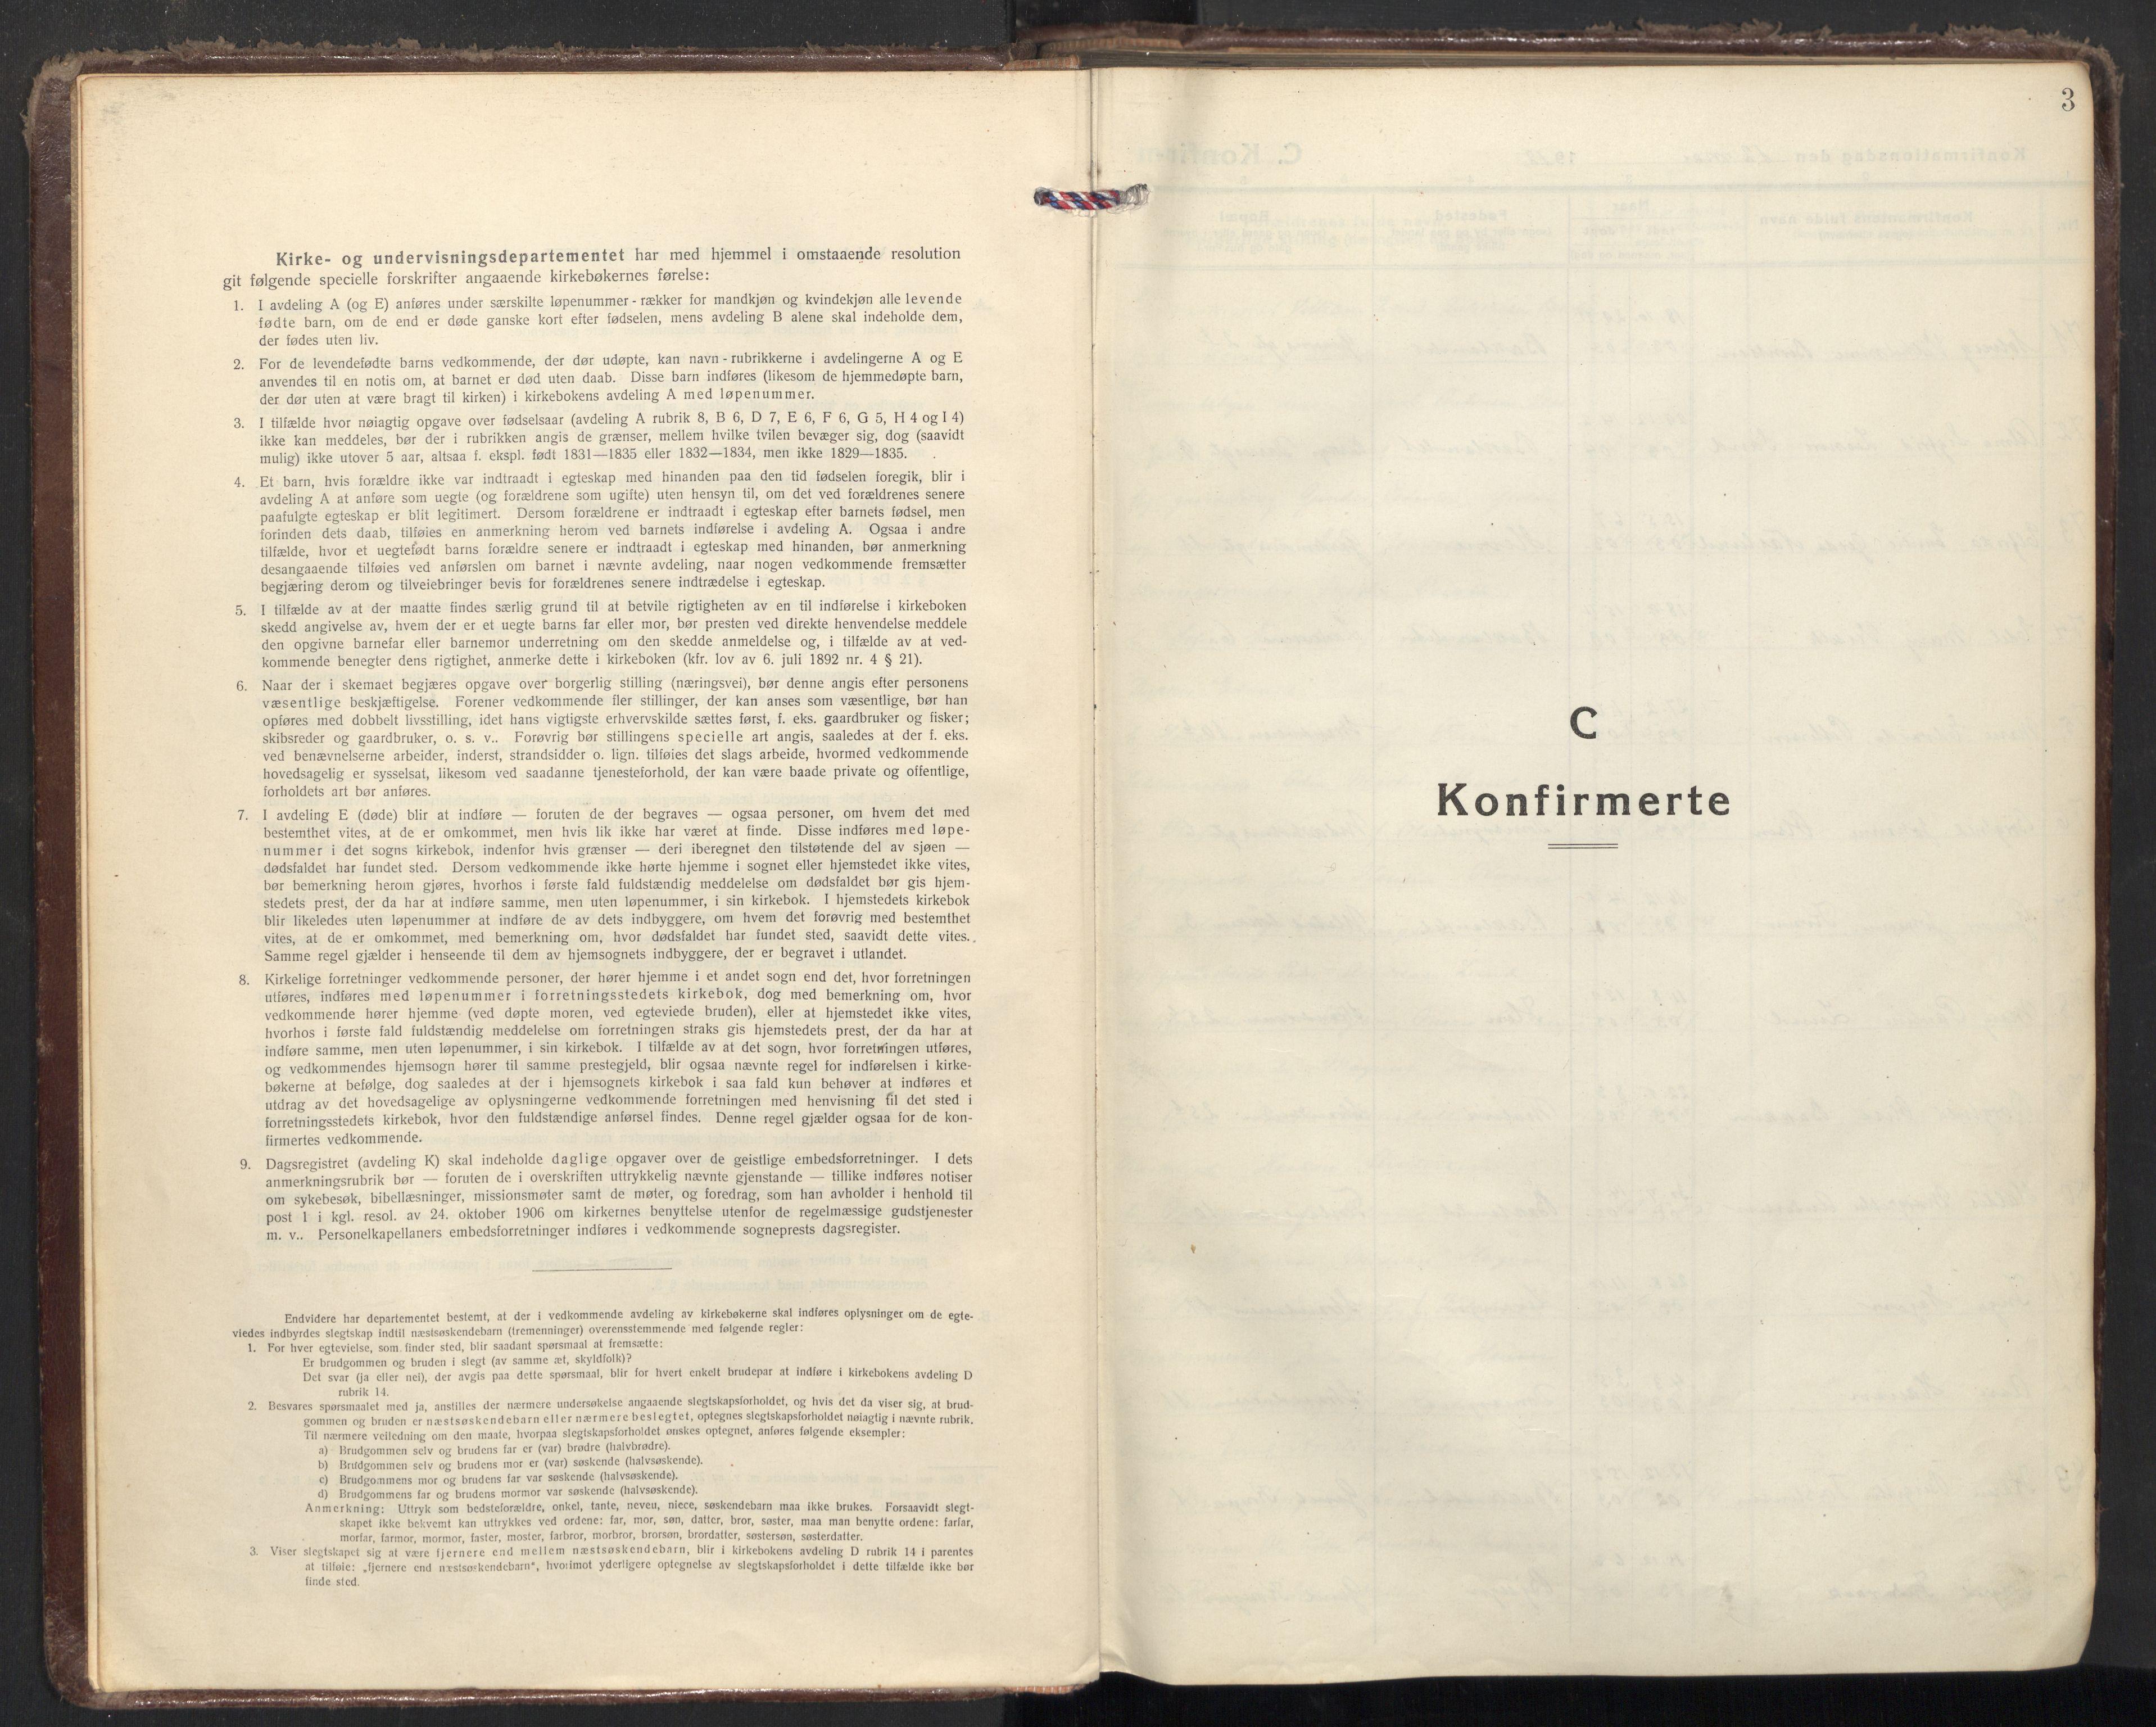 SAT, Ministerialprotokoller, klokkerbøker og fødselsregistre - Sør-Trøndelag, 605/L0247: Ministerialbok nr. 605A09, 1918-1930, s. 3